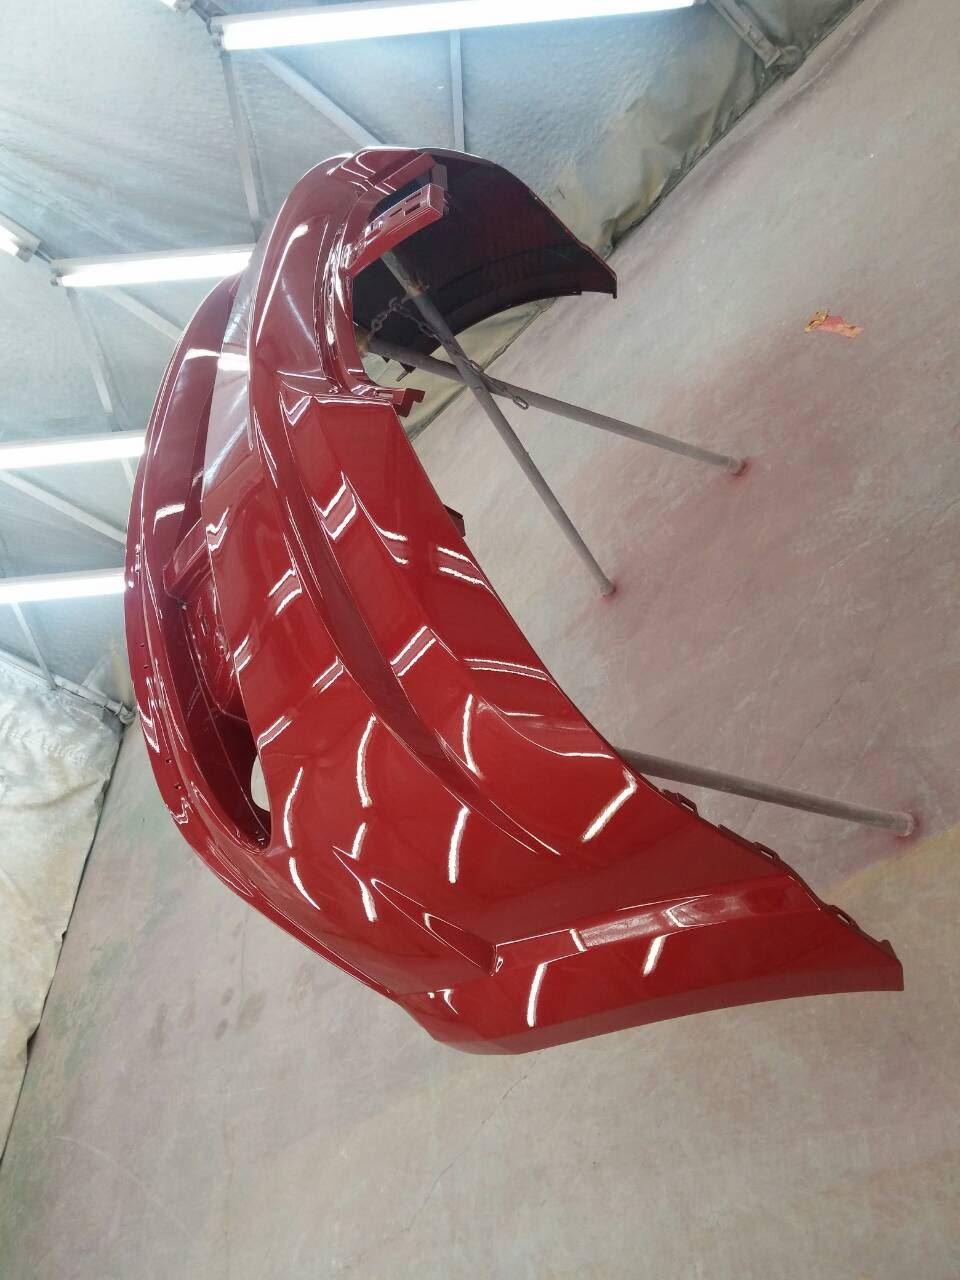 東京都立川市の車の板金塗装修理工場 ガレージローライドのクライスラー ダッジ JCの前まわりのキズ へこみ の板金 修理 塗装 です。